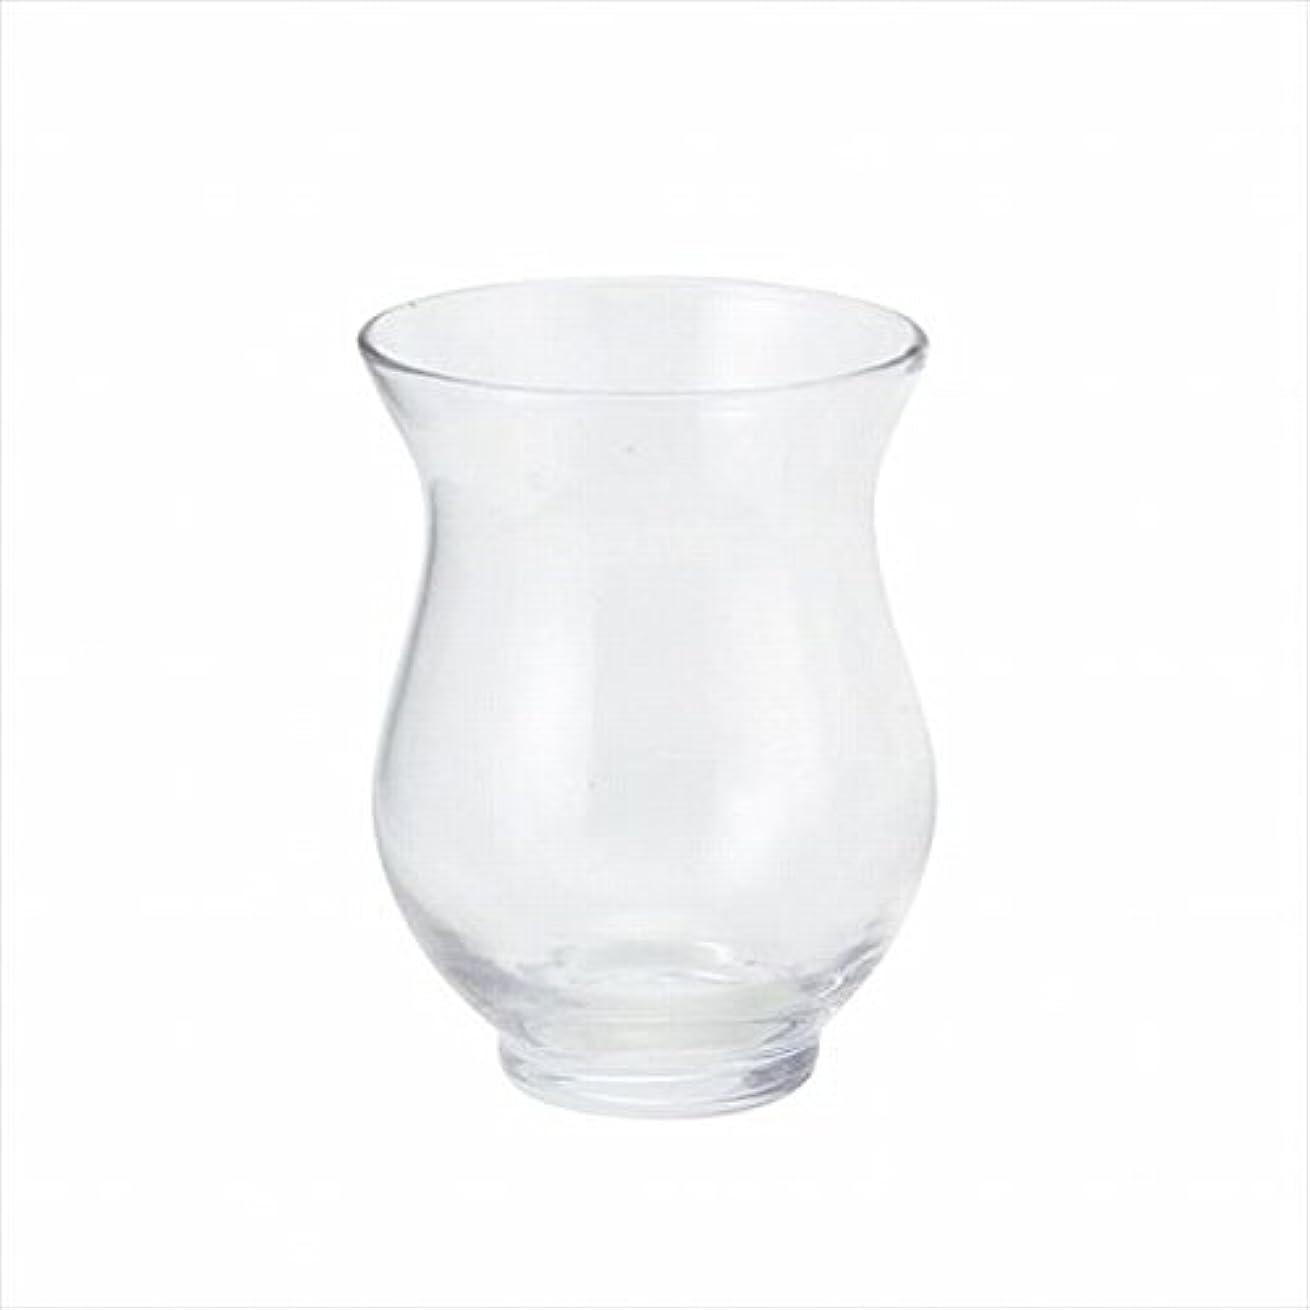 ワイドサワー必要としているkameyama candle(カメヤマキャンドル) ウィンドライトエレガンスS キャンドル 75x75x100mm (D3825023)